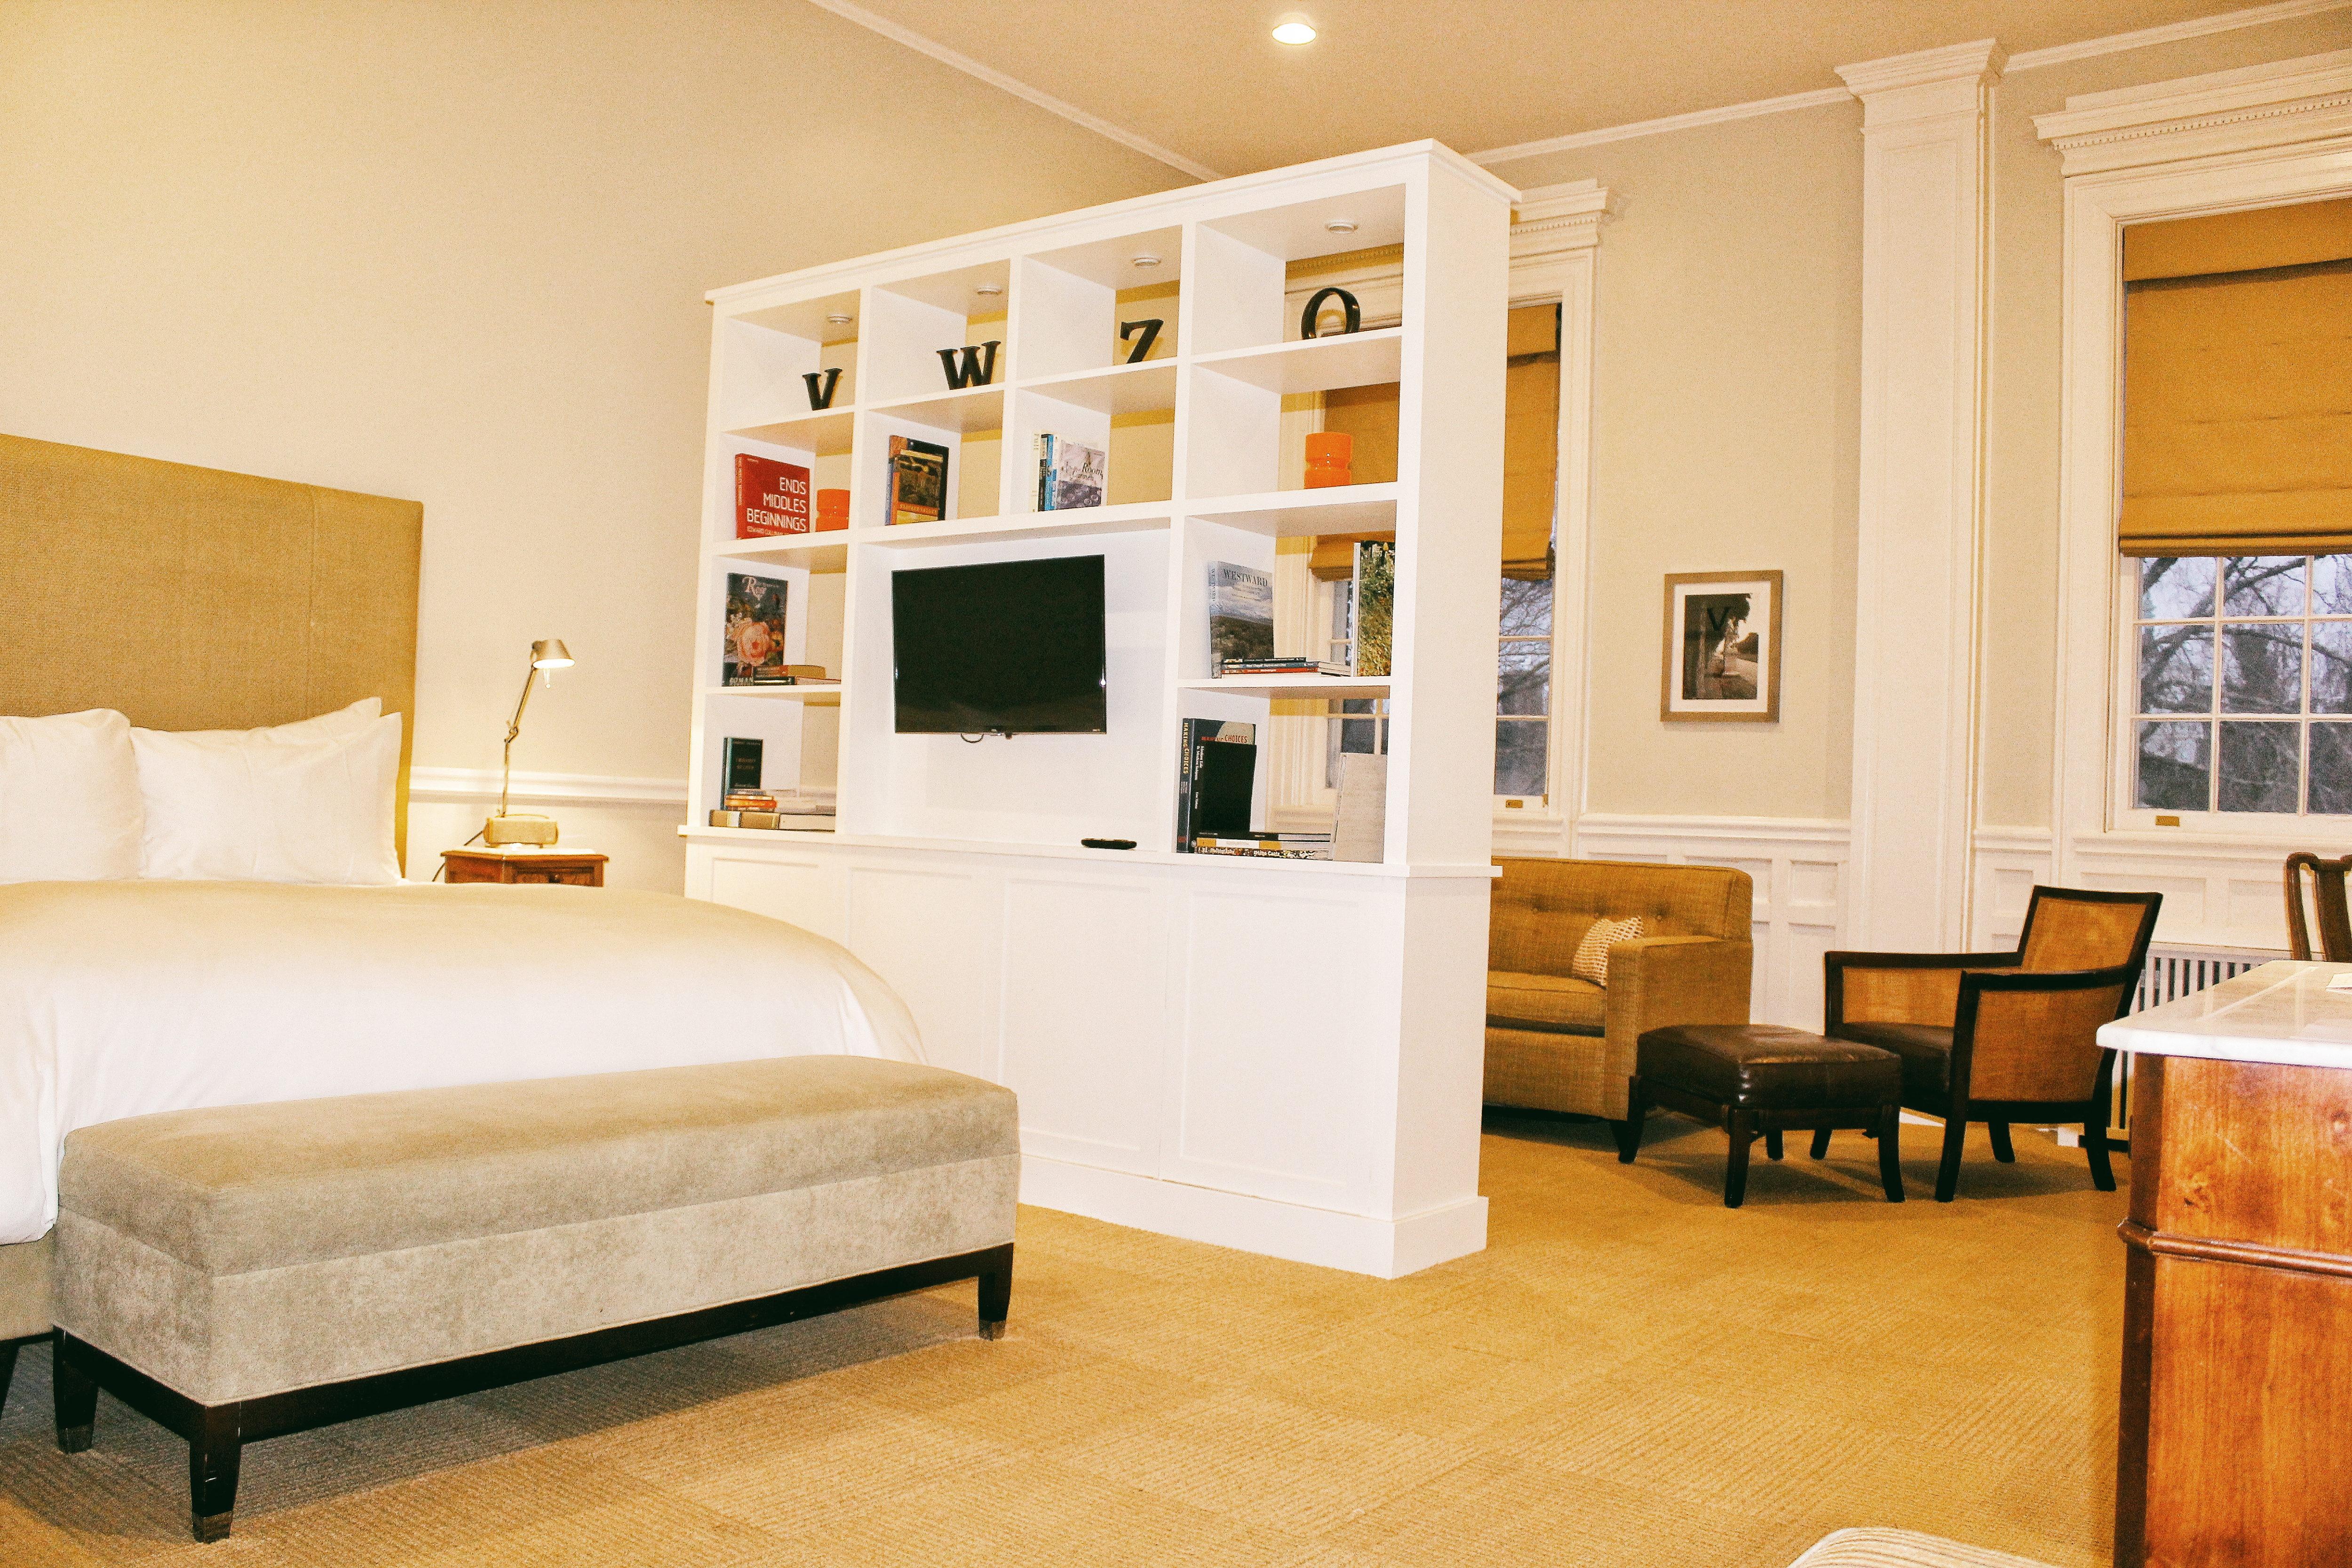 rooms-at-the-vanderbilt-hotel-in-newport-rhode-island